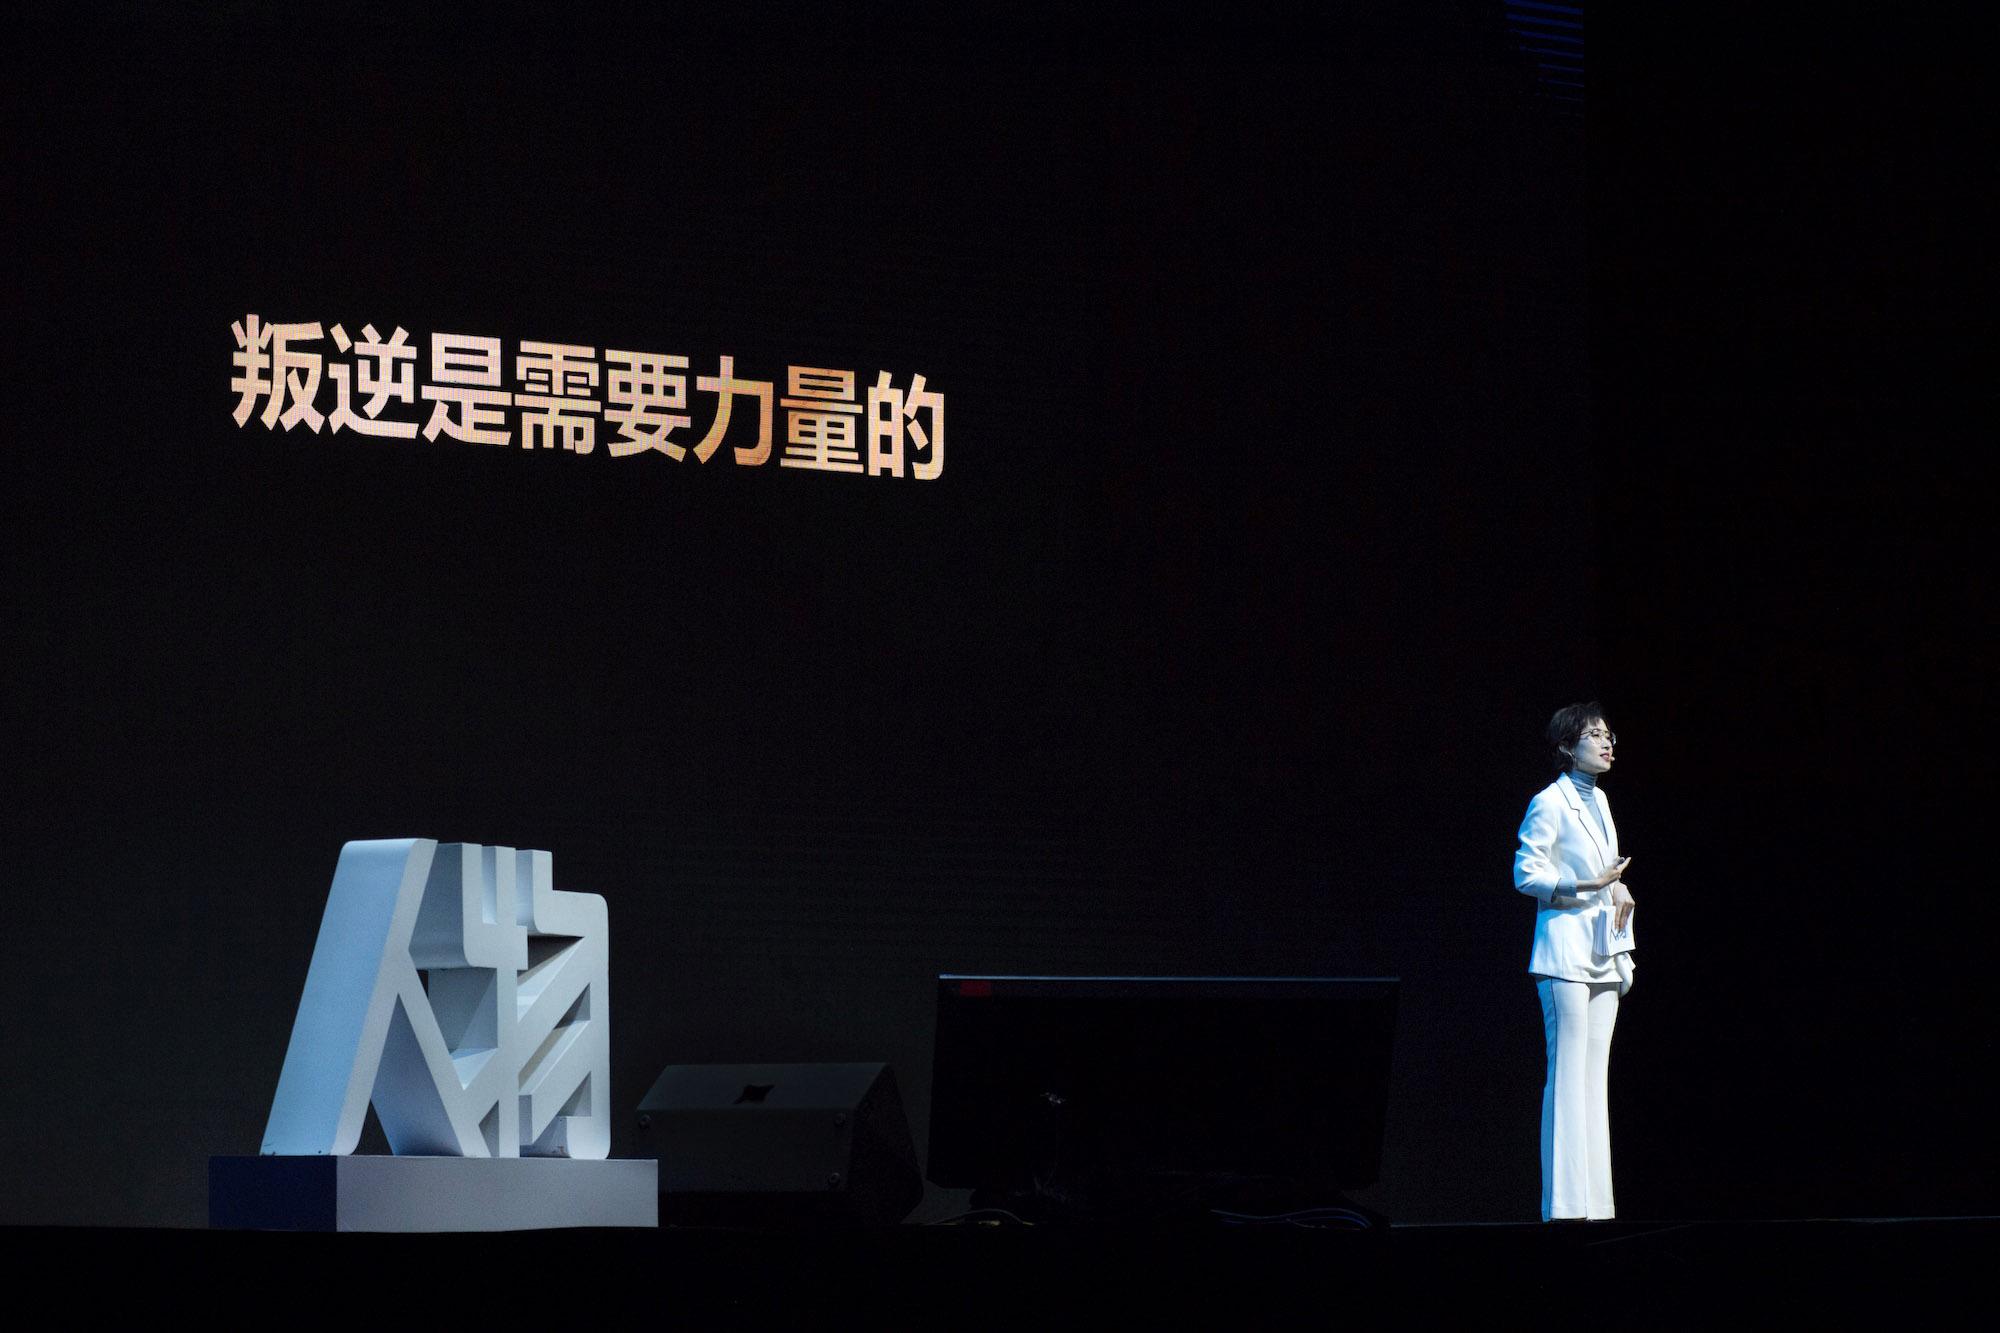 刘敏涛叛逆的力量.jpg